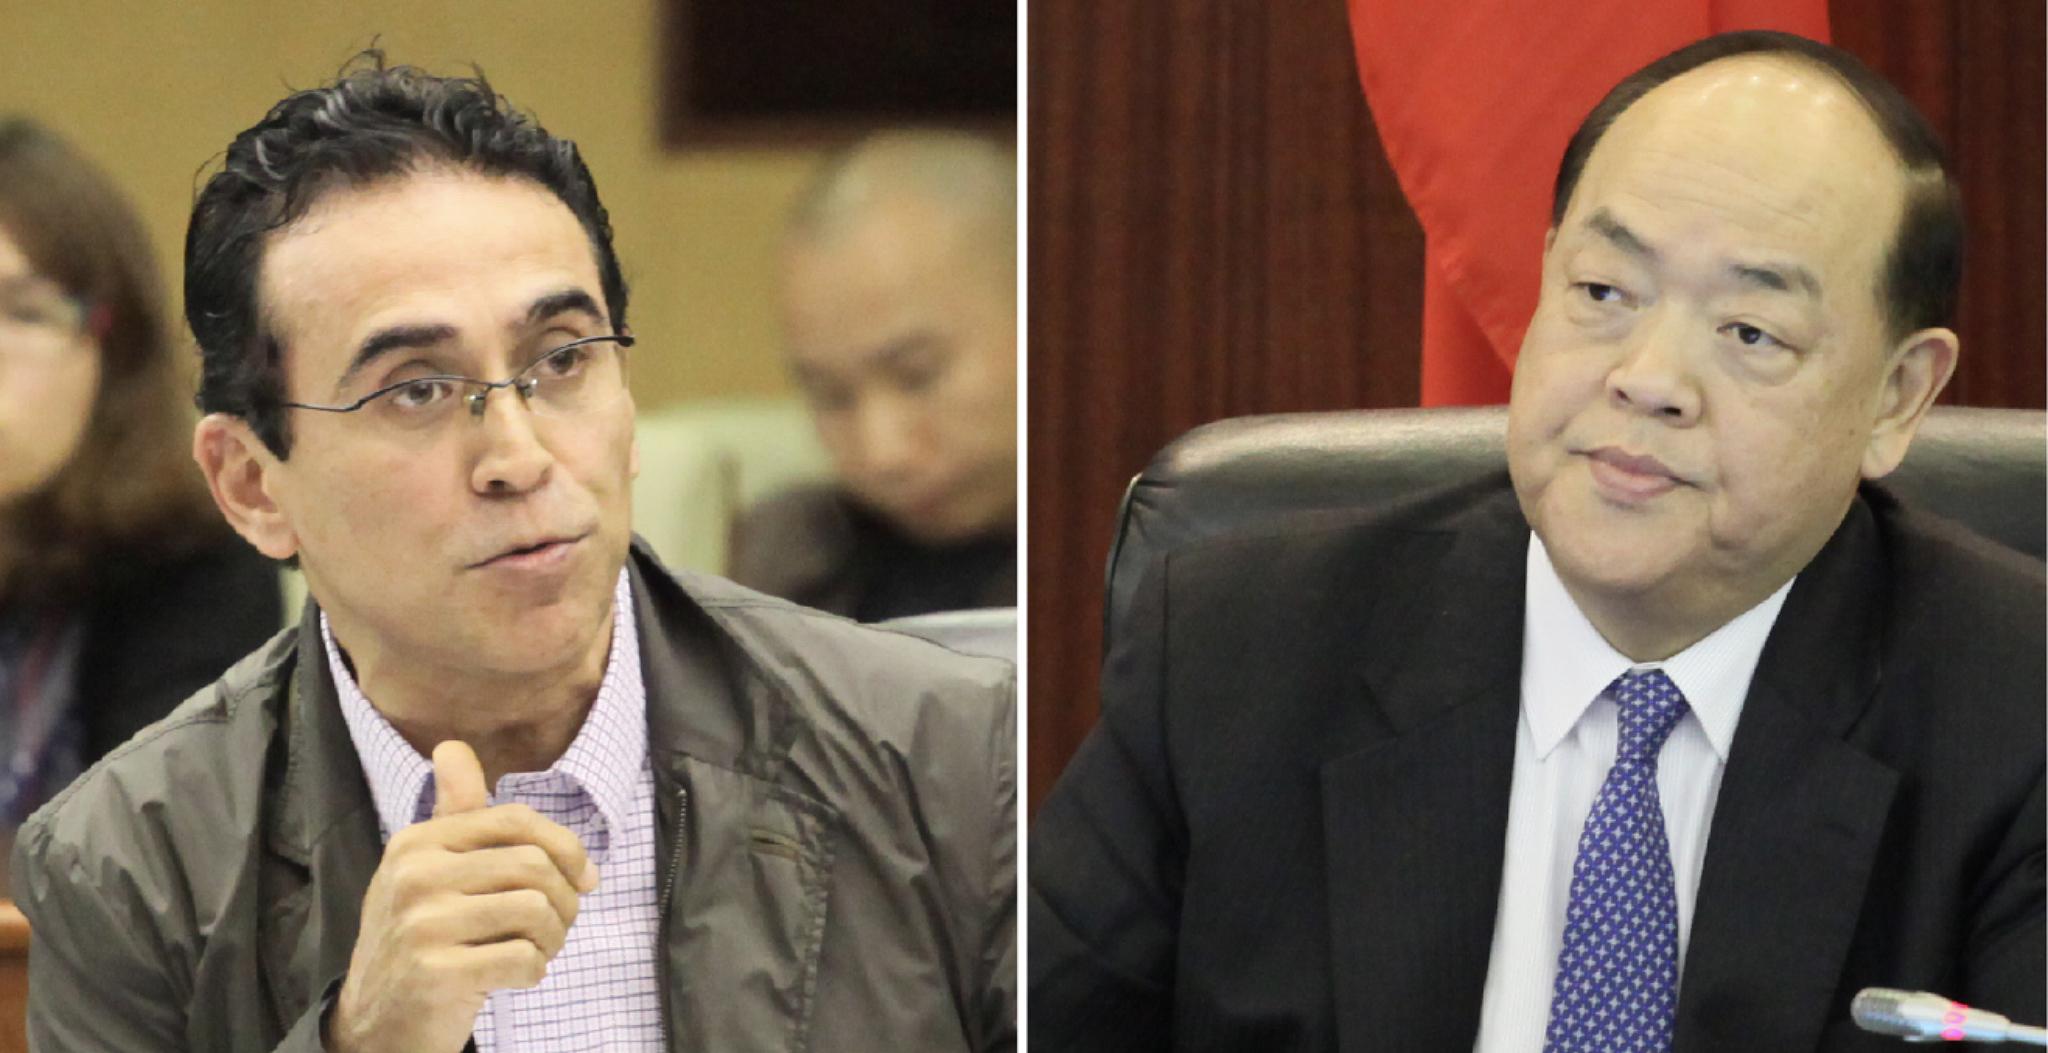 Pereira Coutinho ameaça levar Ho Iat Seng a tribunal